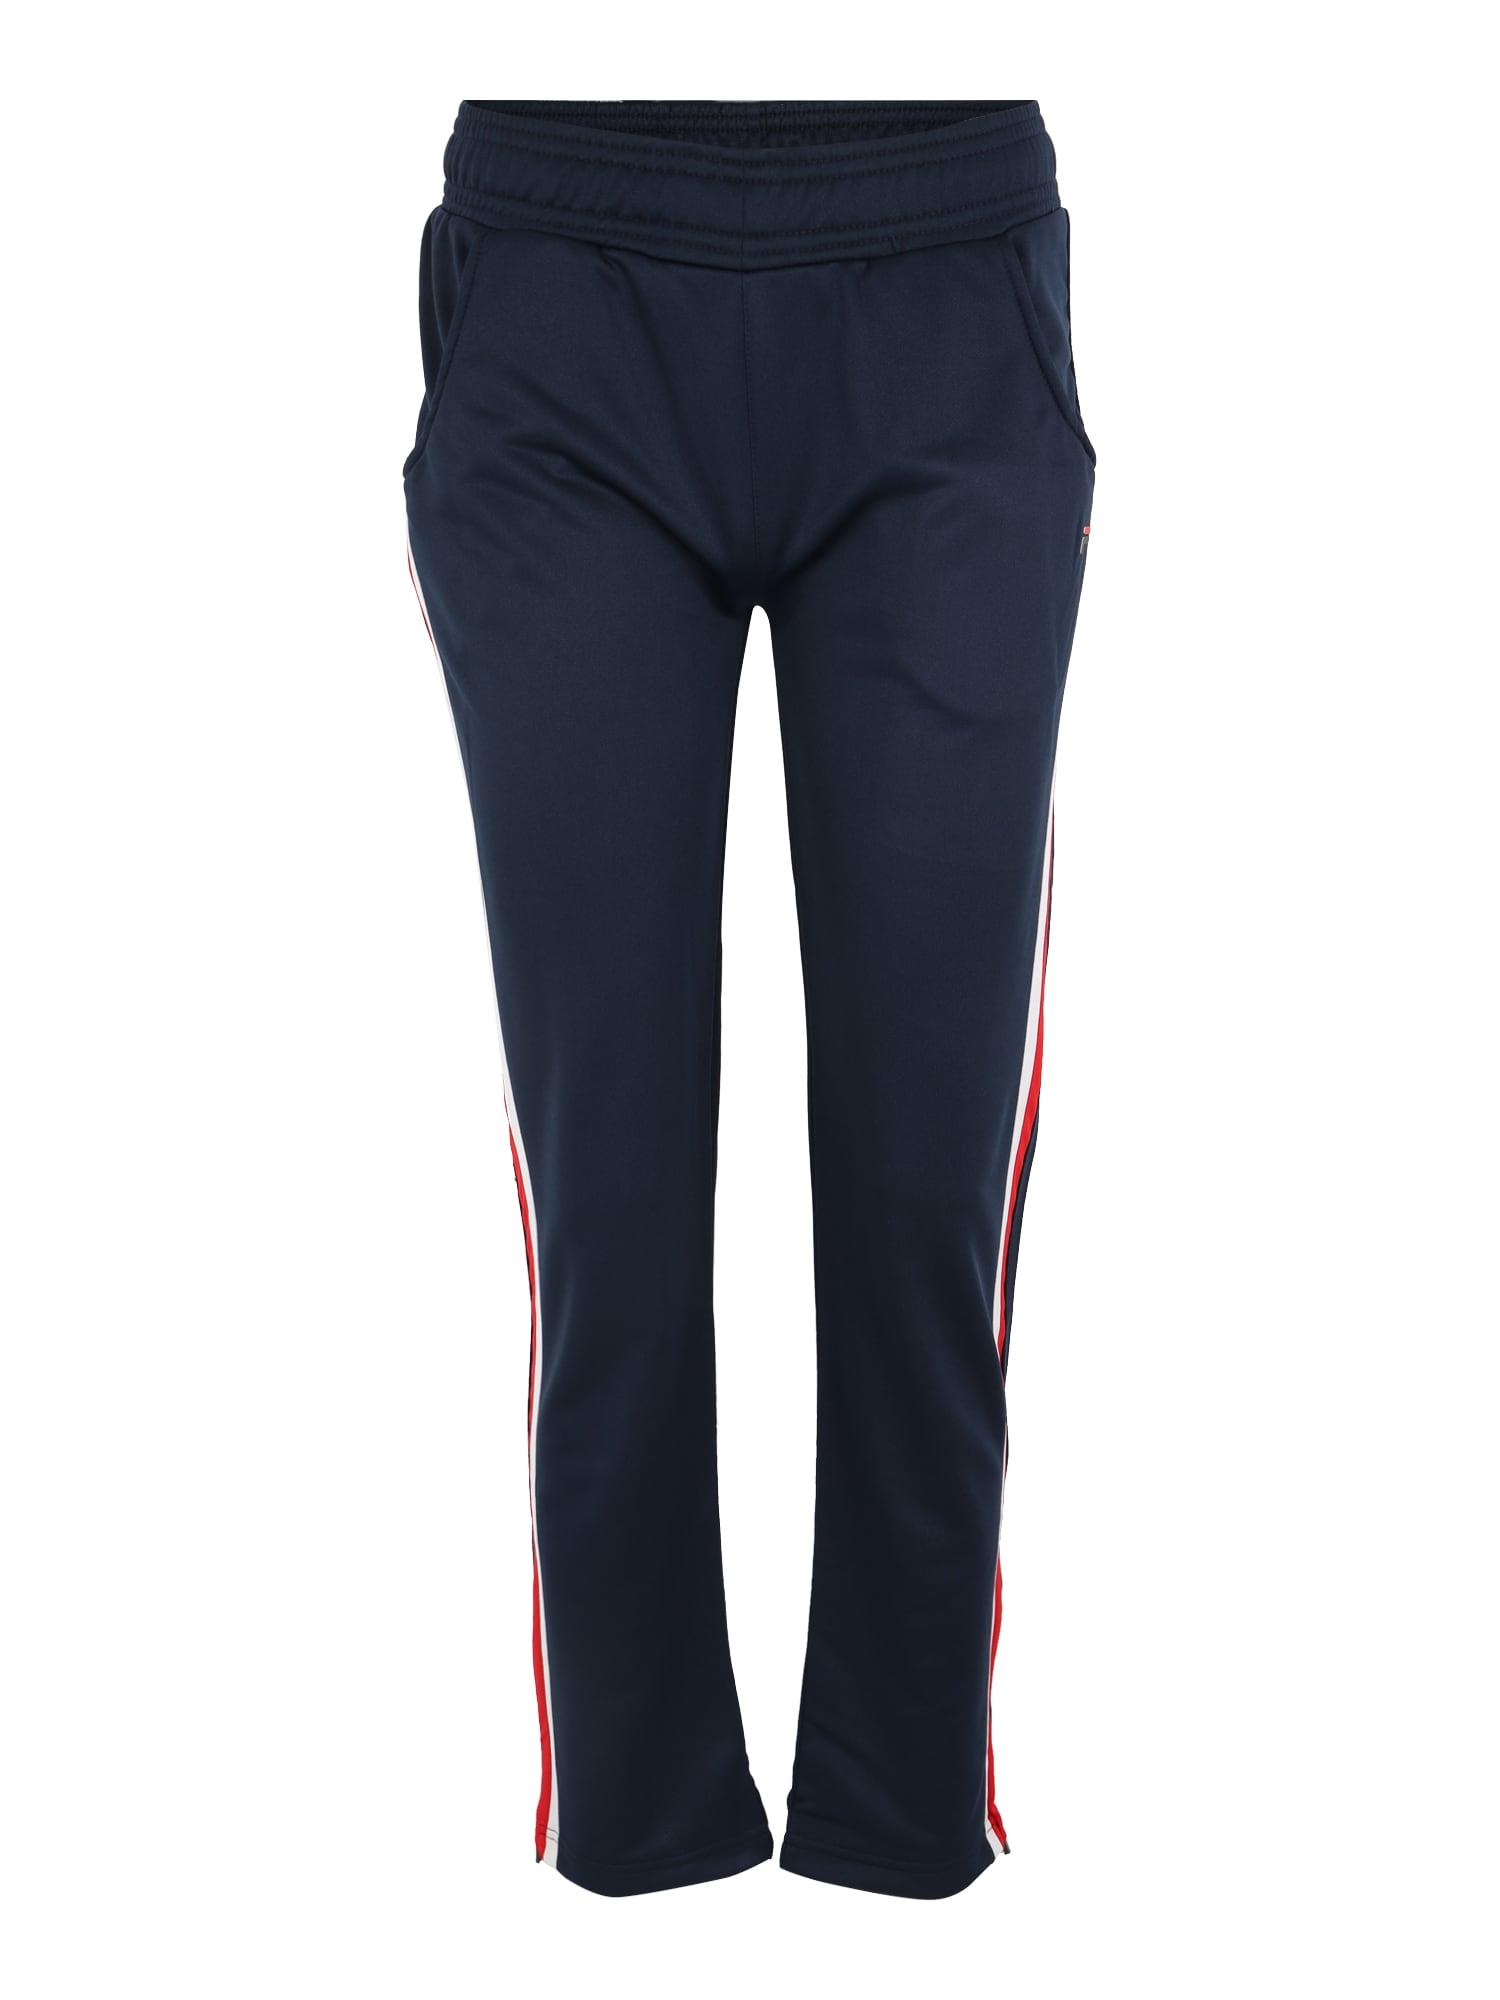 Sportovní kalhoty Palia námořnická modř červená bílá FILA